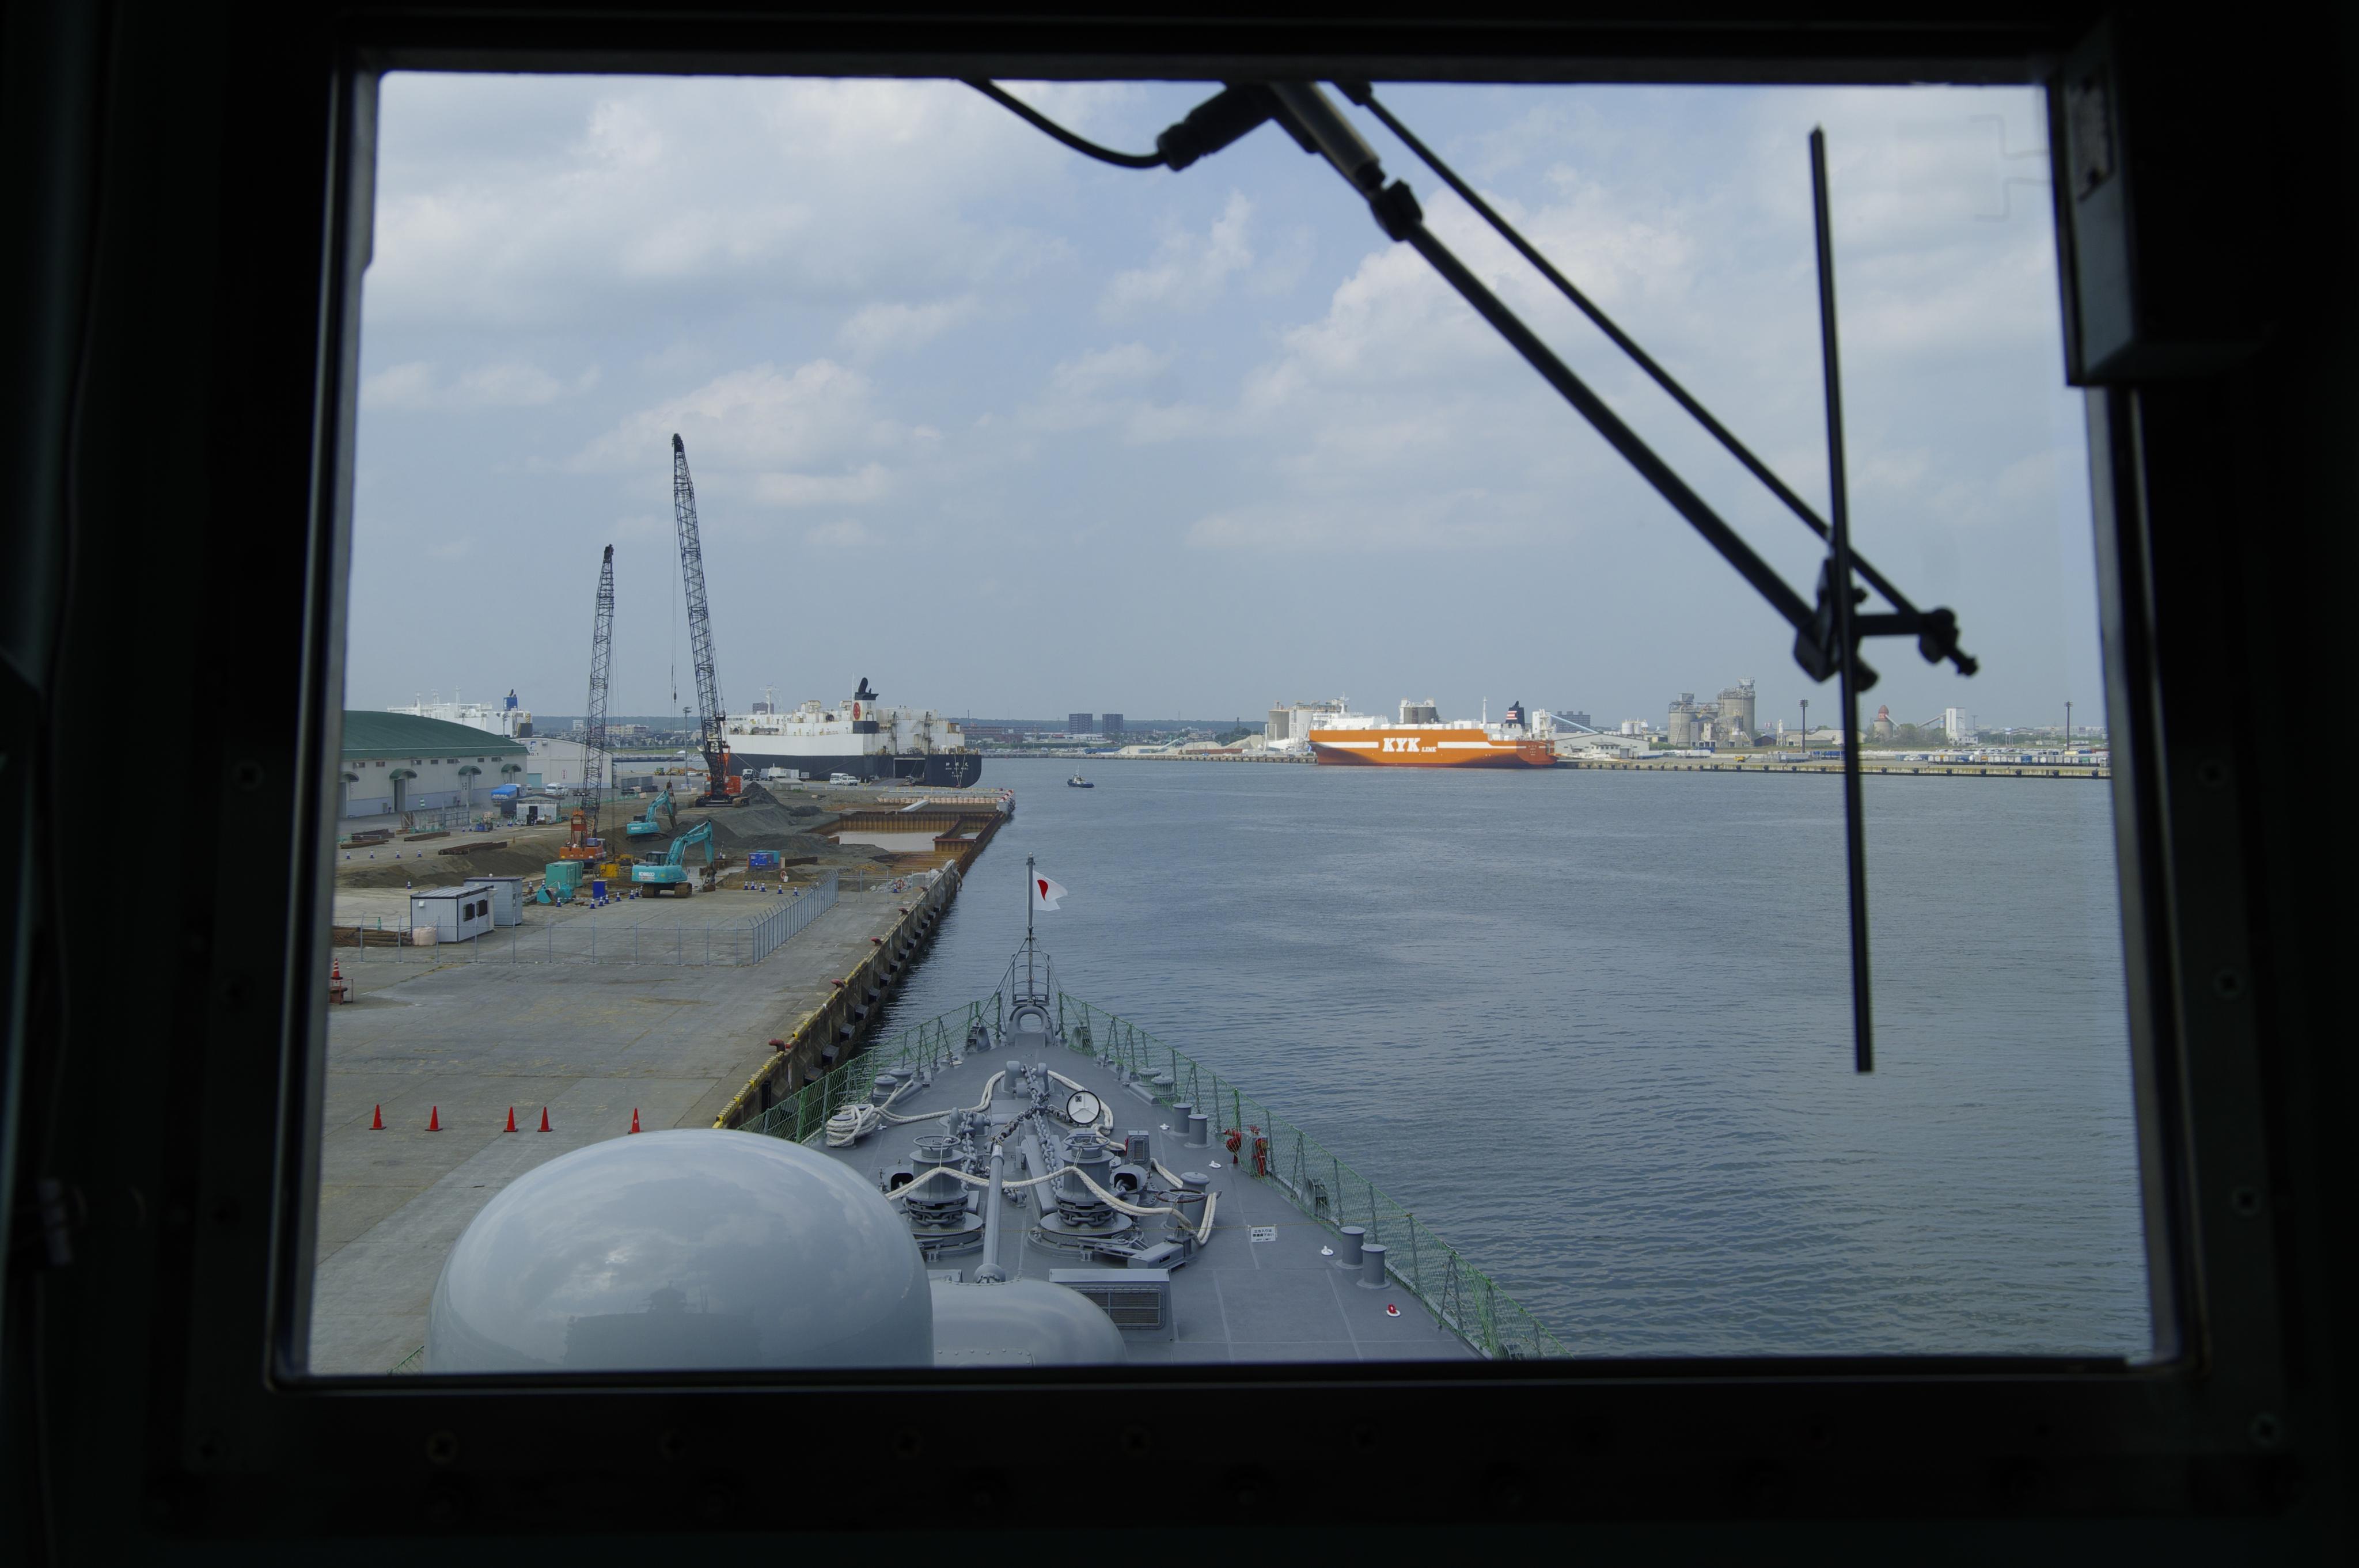 護衛艦 ゆうだち 操舵室より_190803.jpg